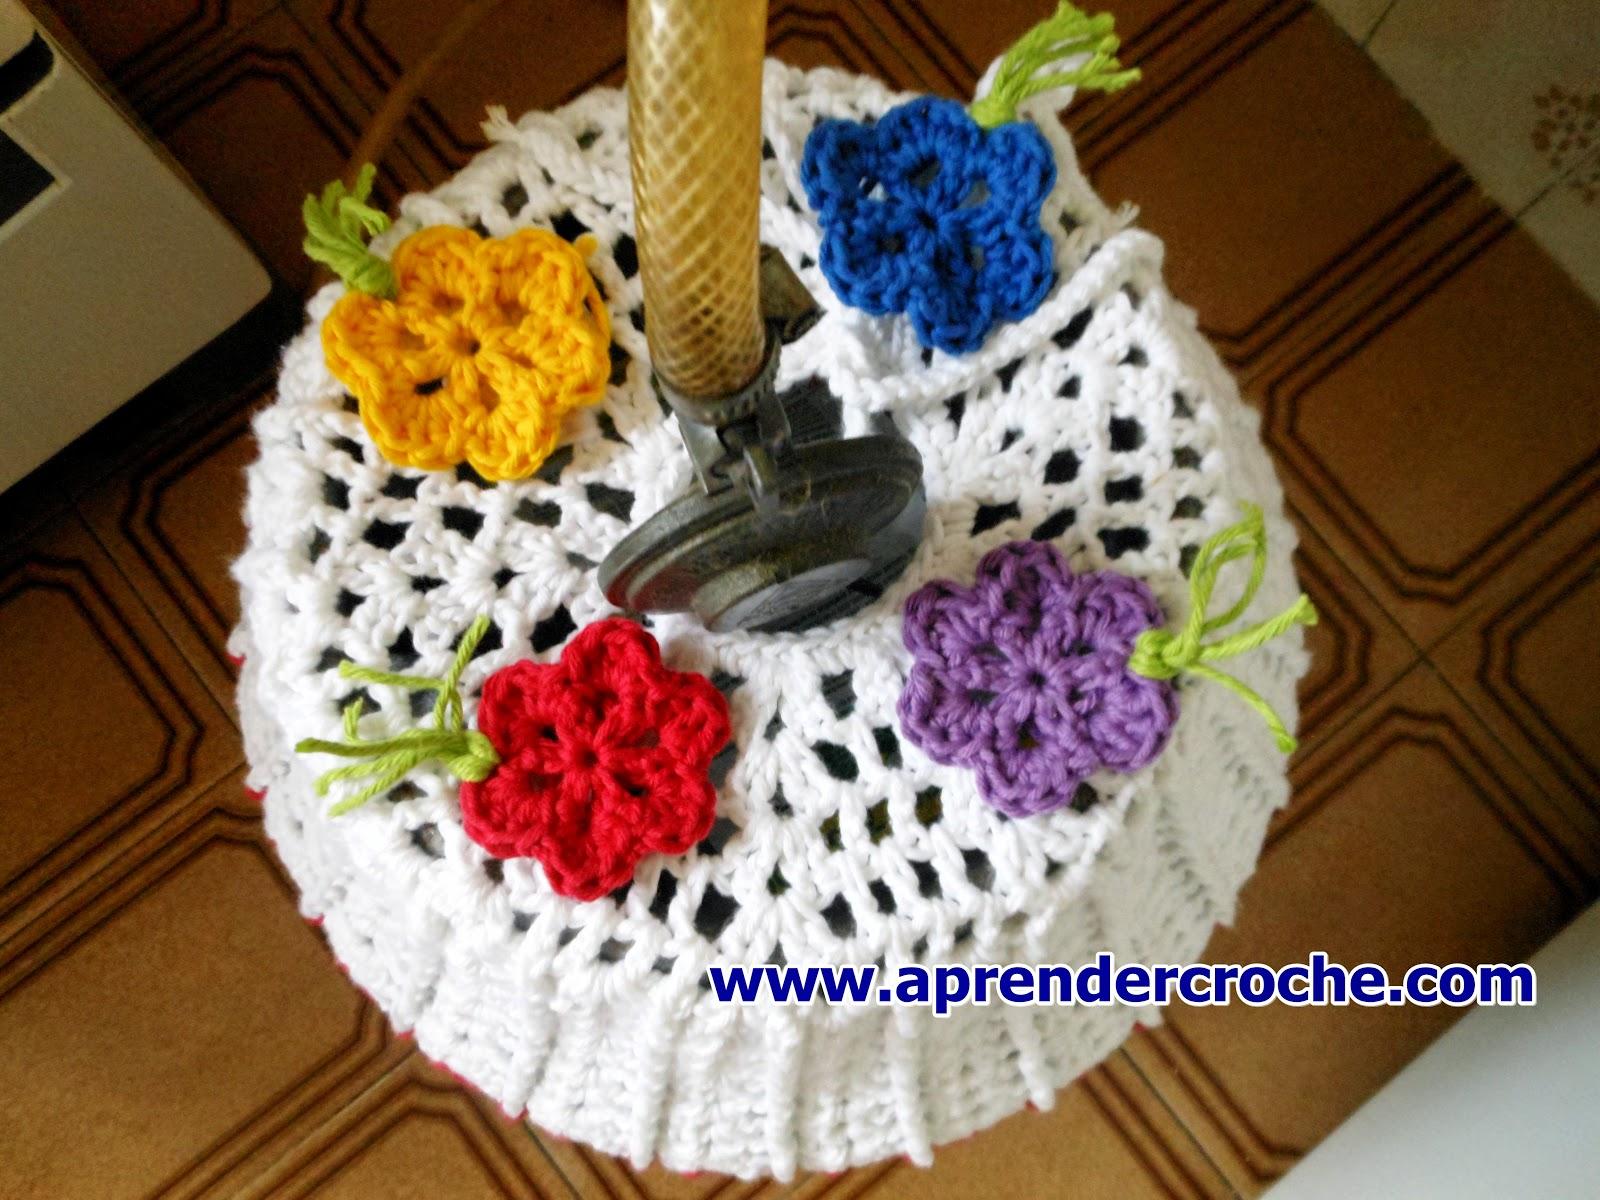 Como fazer essa linda capa de crochê para botijão de gás com edinir croche